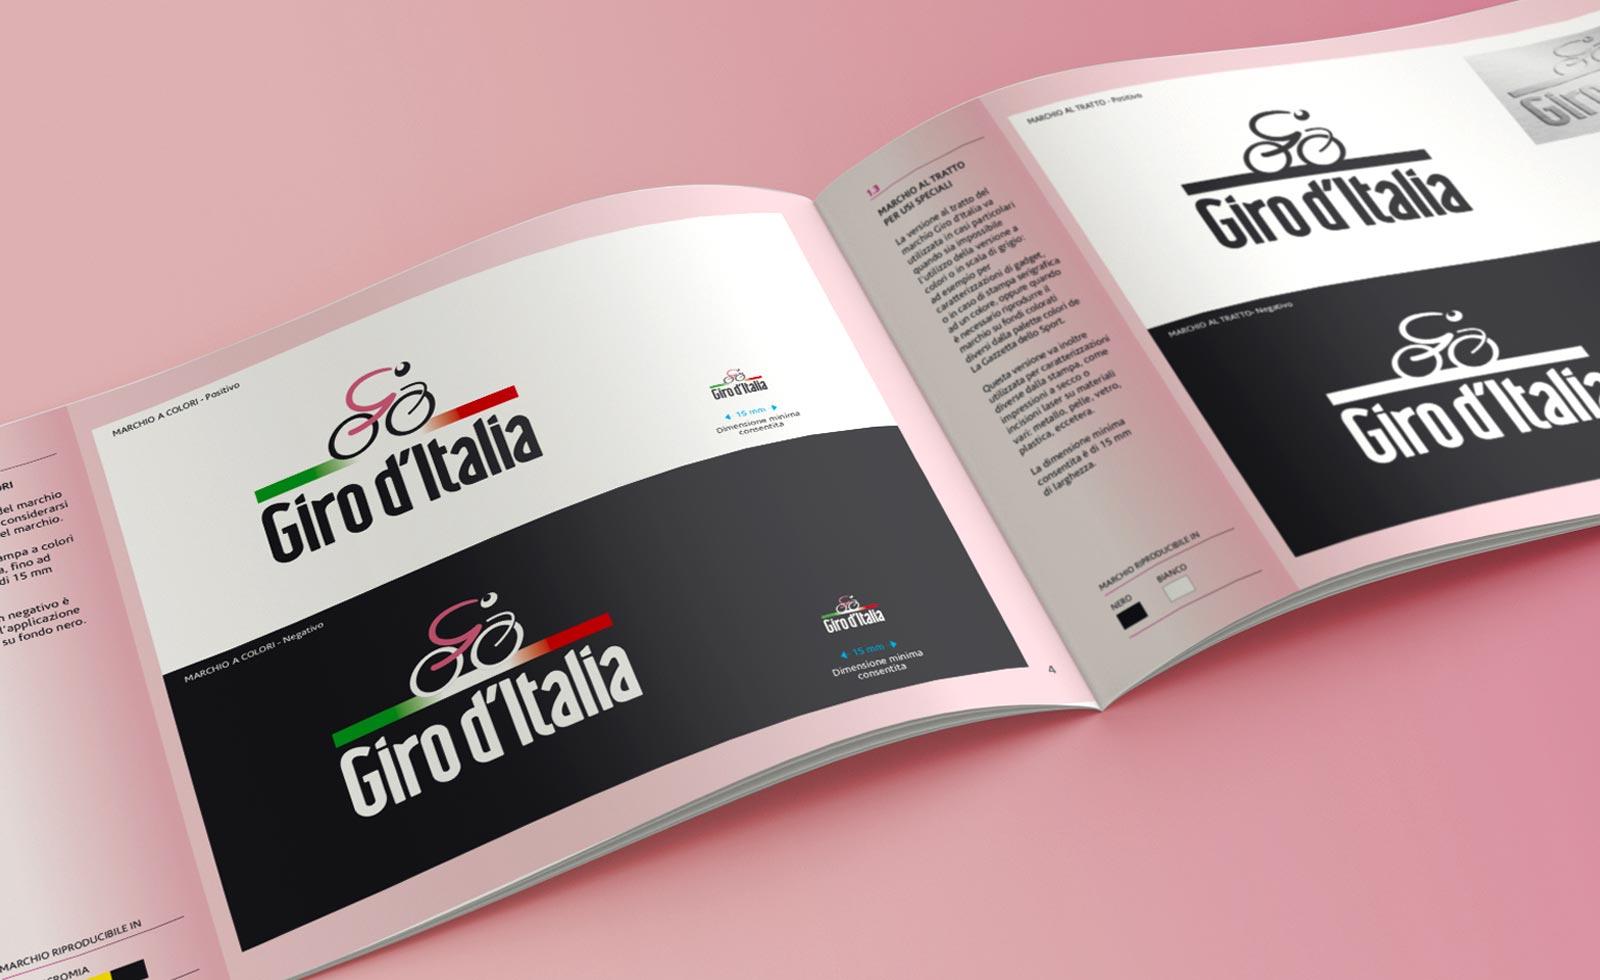 giro d'Italia manual